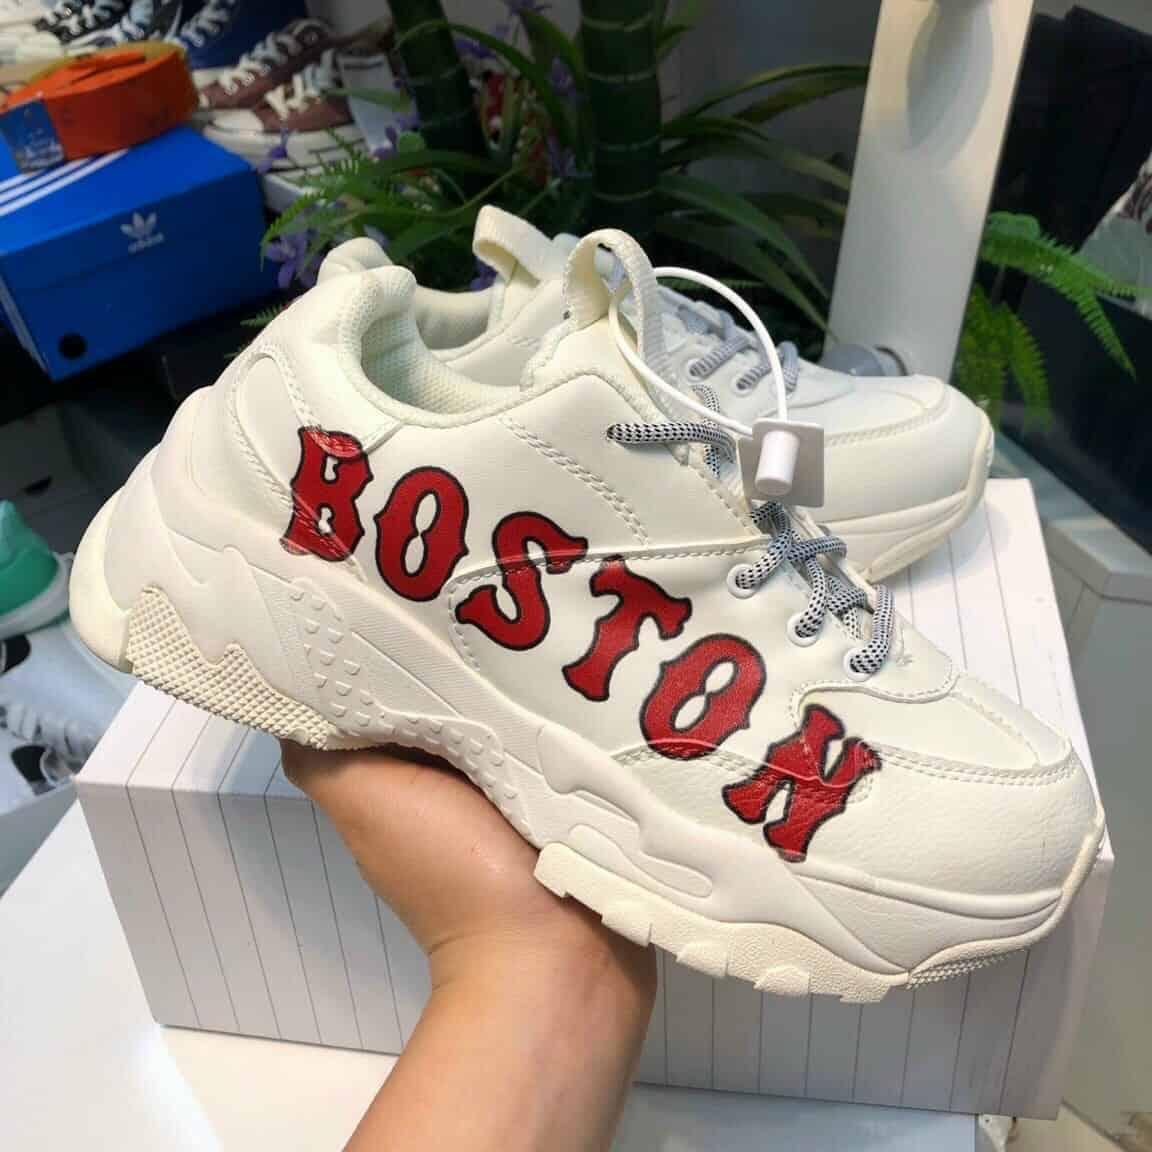 Giày MLB Boston đỏ là đôi giày sẽ được yêu thích trong năm 2022